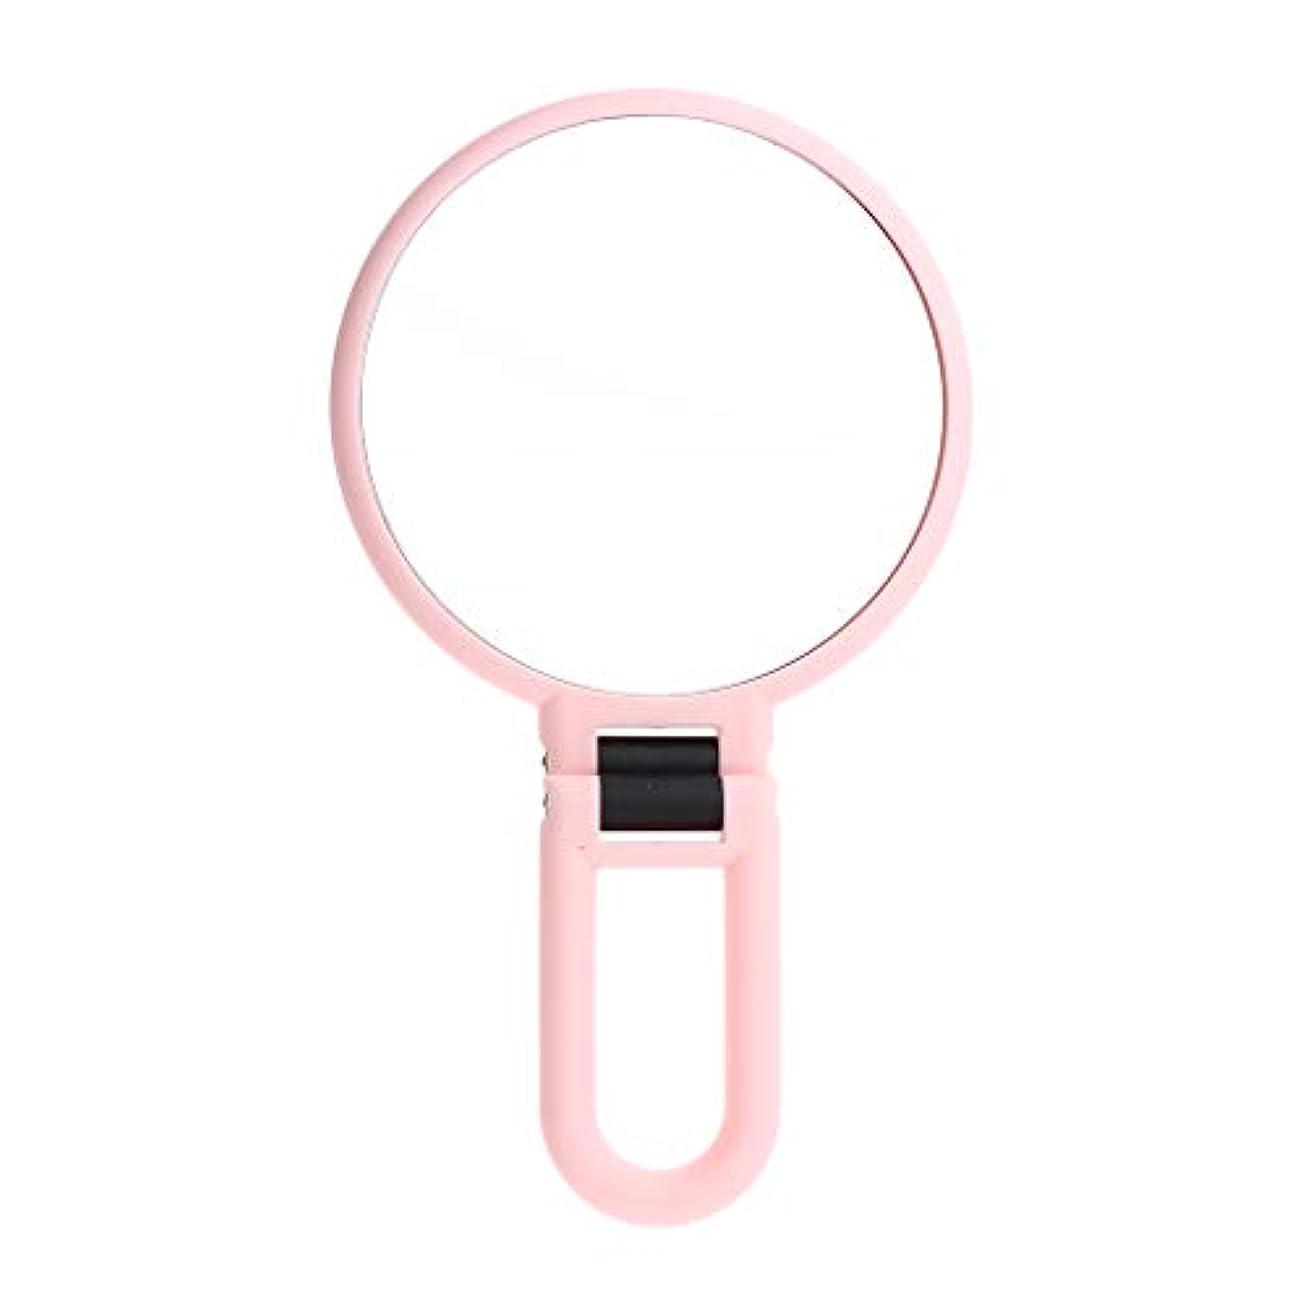 アミューズメント行き当たりばったりナイロンメイクアップミラー 拡大鏡 両面鏡 手鏡 ピンク 旅行 携帯便利 2タイプ選べ - 5倍